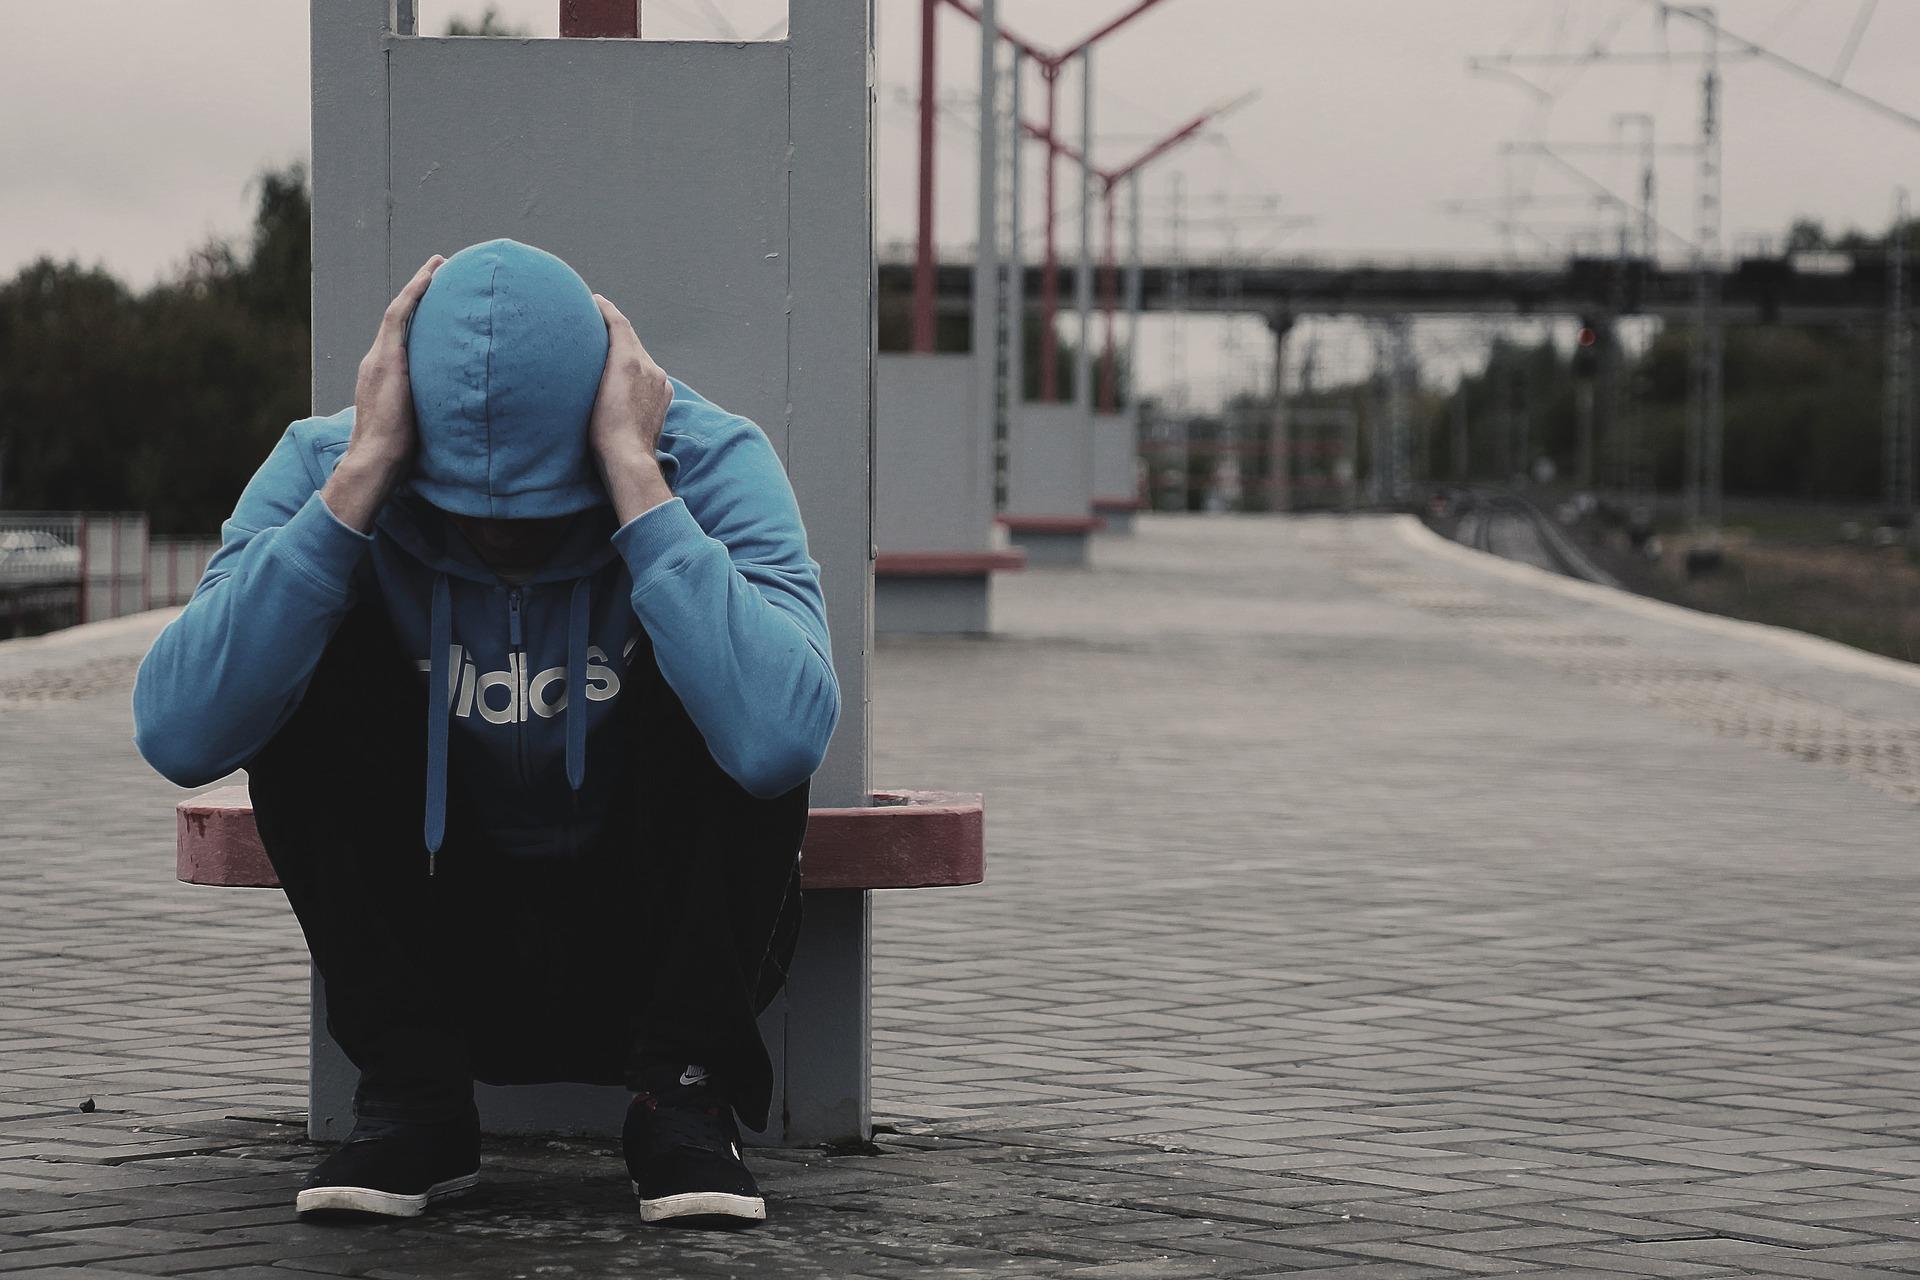 Co czwarty Polak boi się osób chorych na schizofrenię